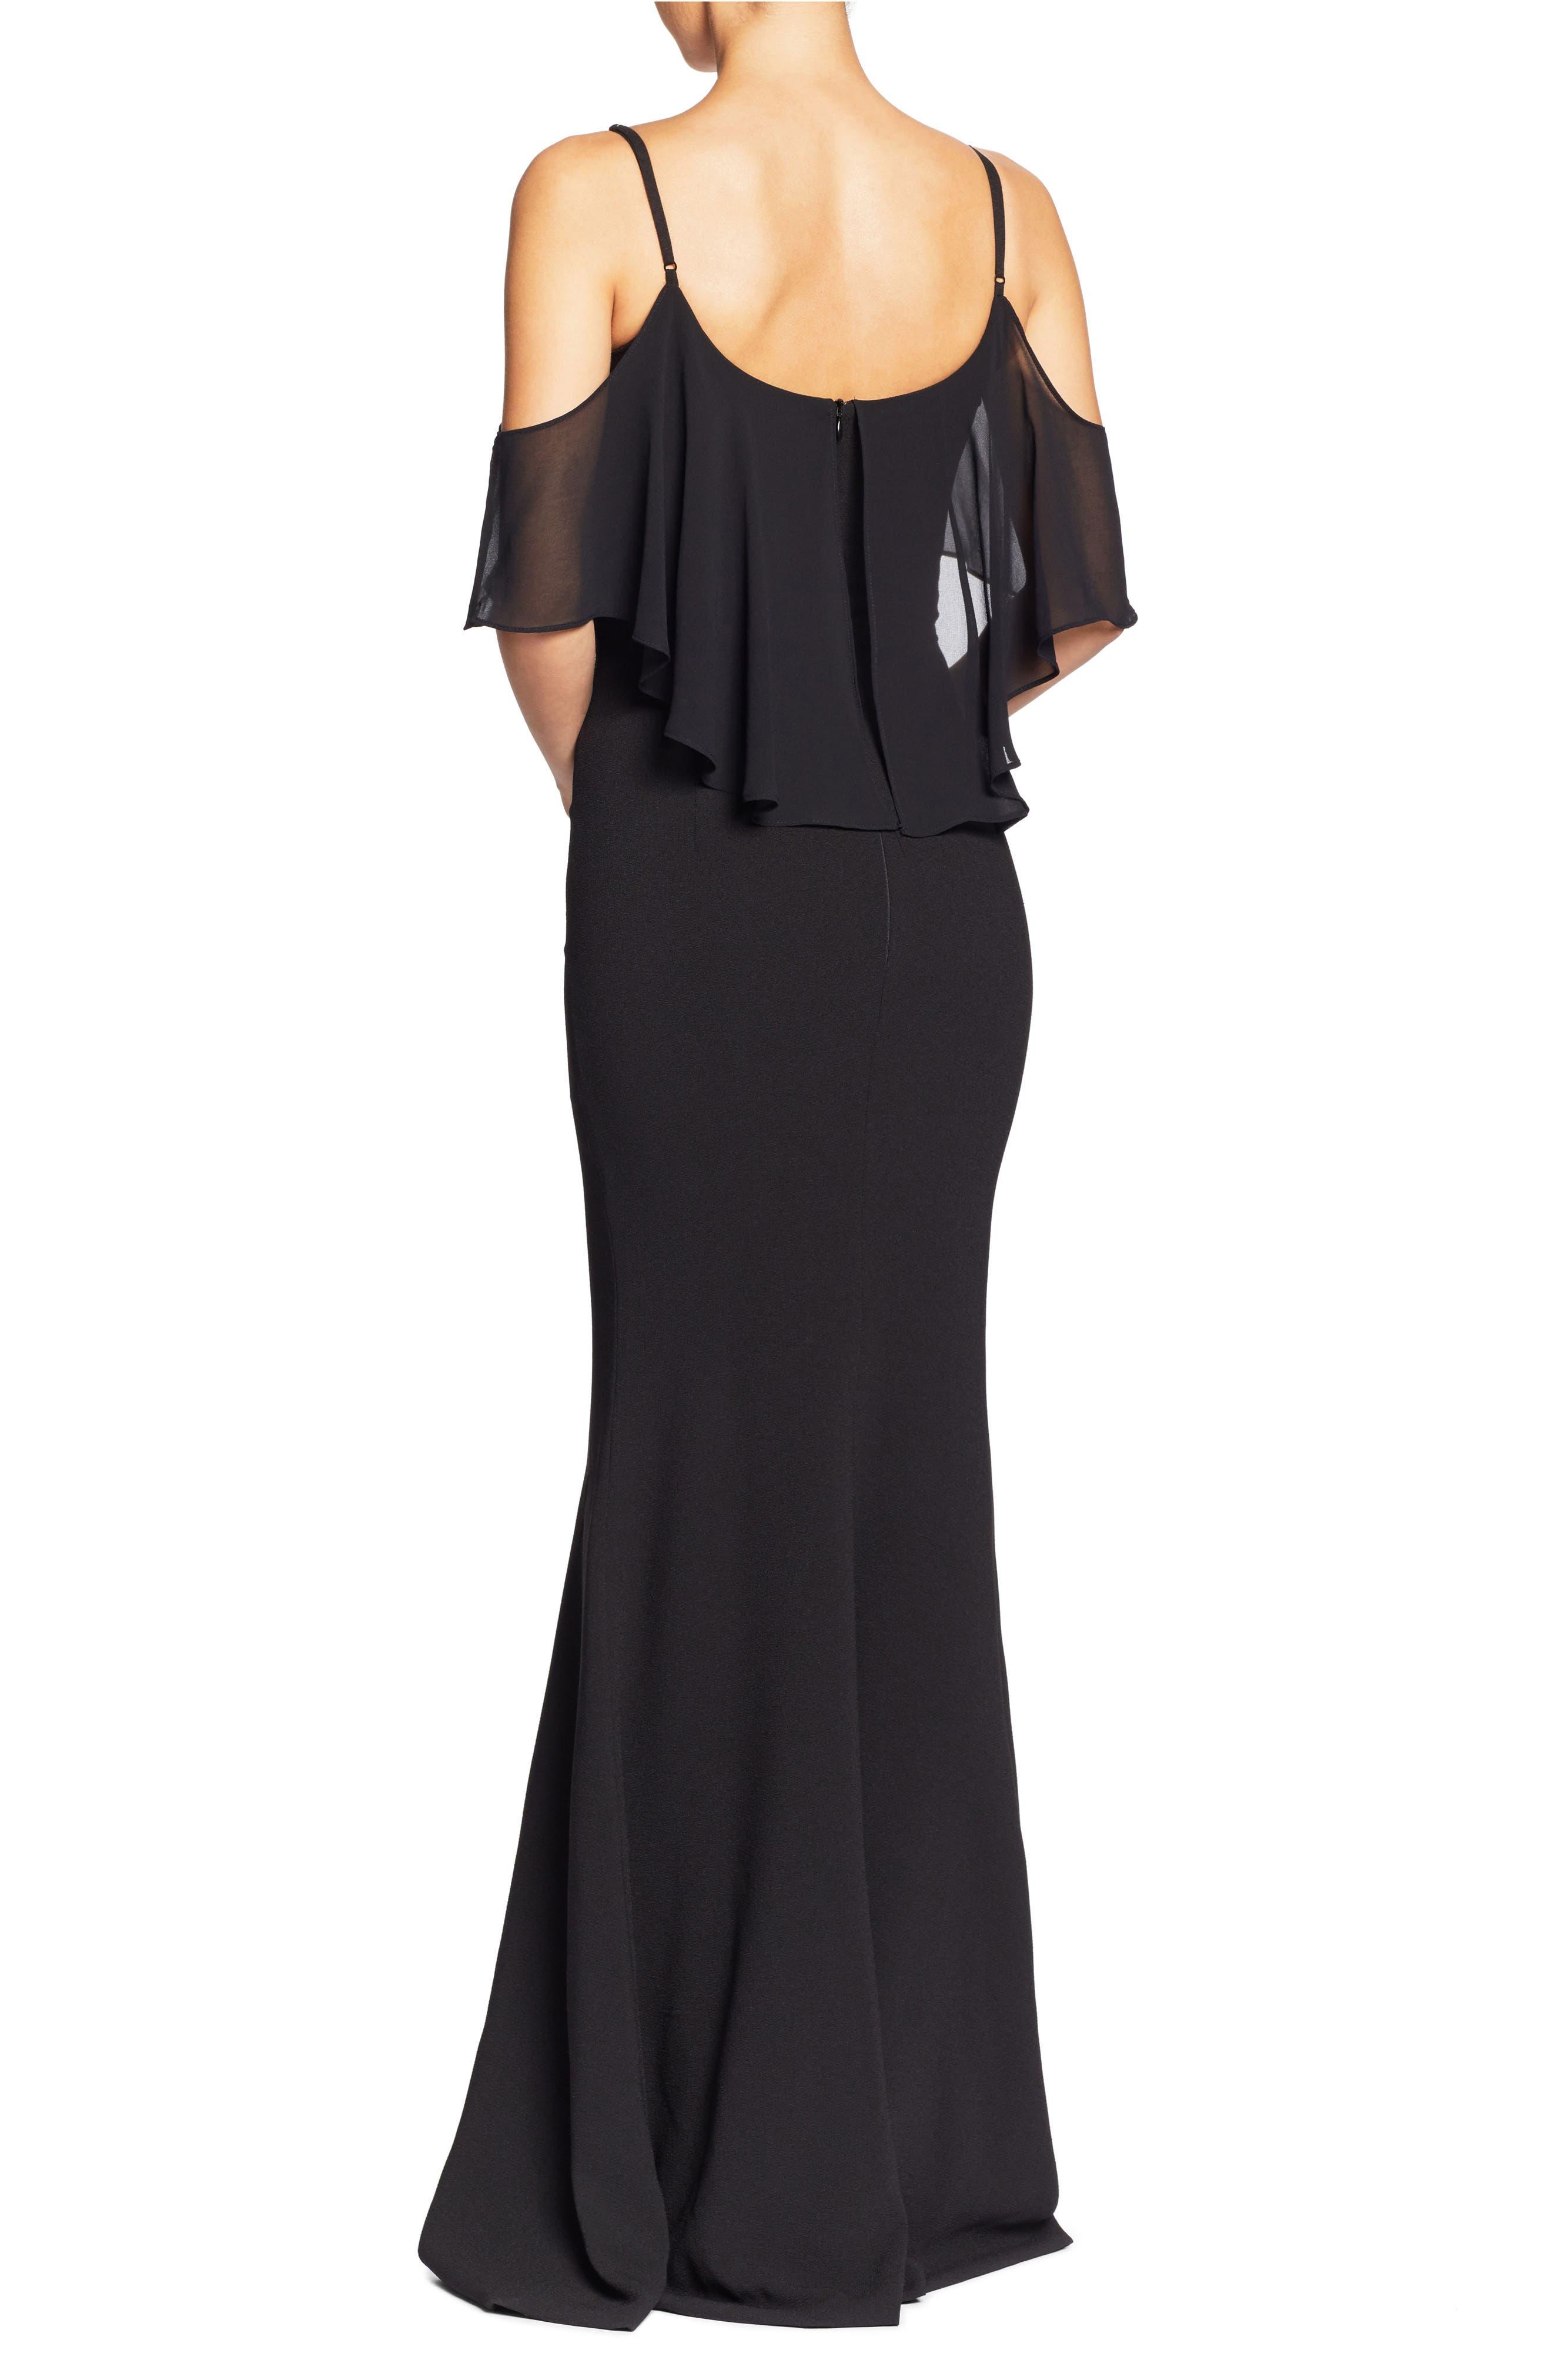 Diana Cold Shoulder Side Slit Gown,                             Alternate thumbnail 4, color,                             Black